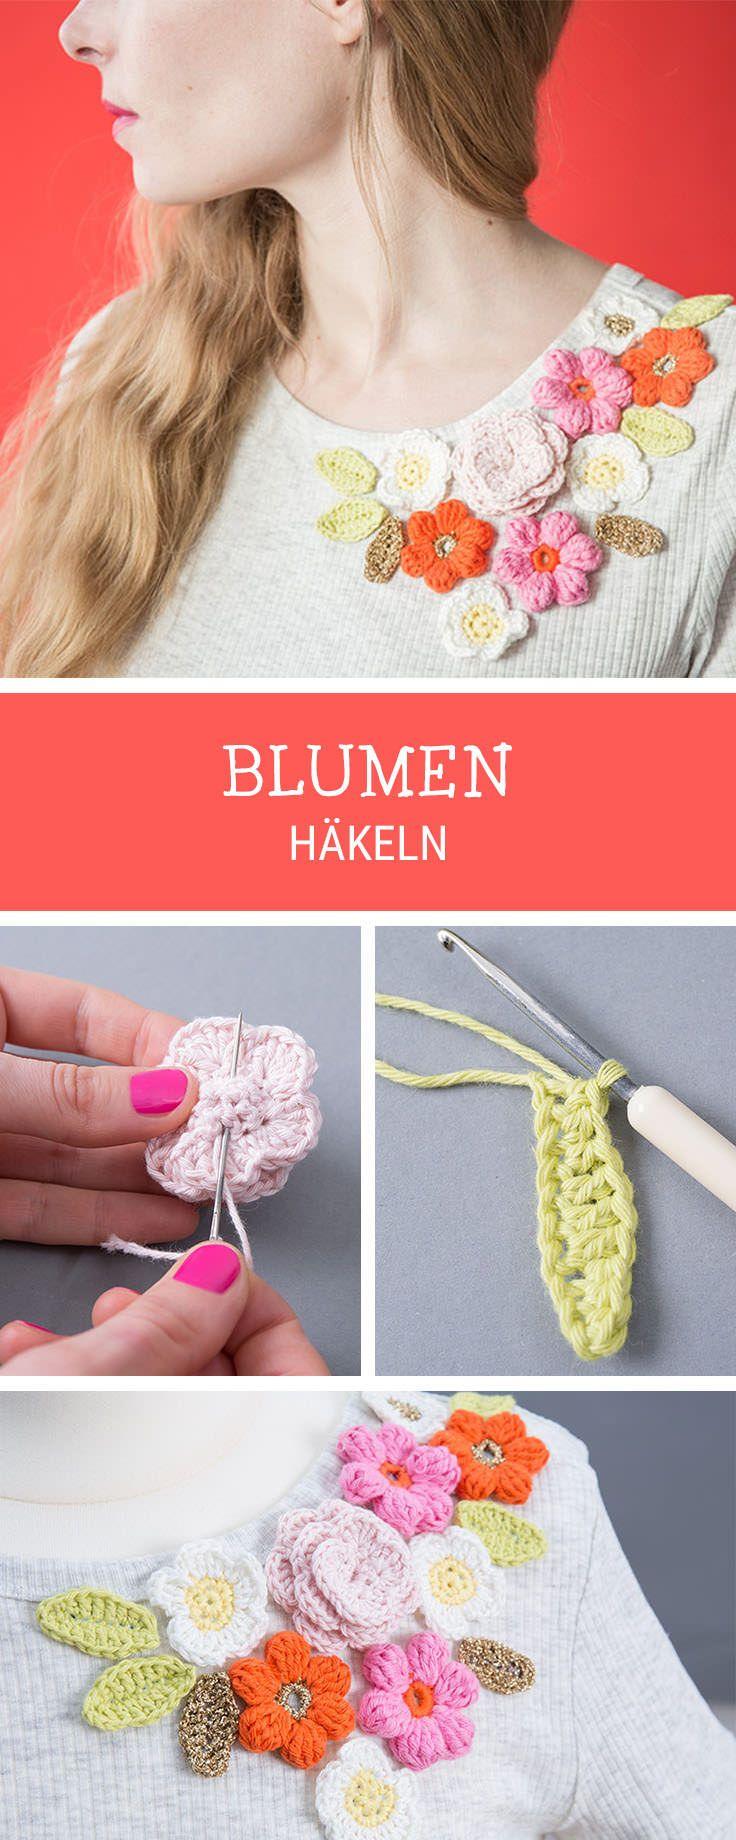 Häkelanleitung für zarte Blumen als Deko für Shirts, Blumen häkeln / diy crochet tutorial for flowers and blossoms via DaWanda.com